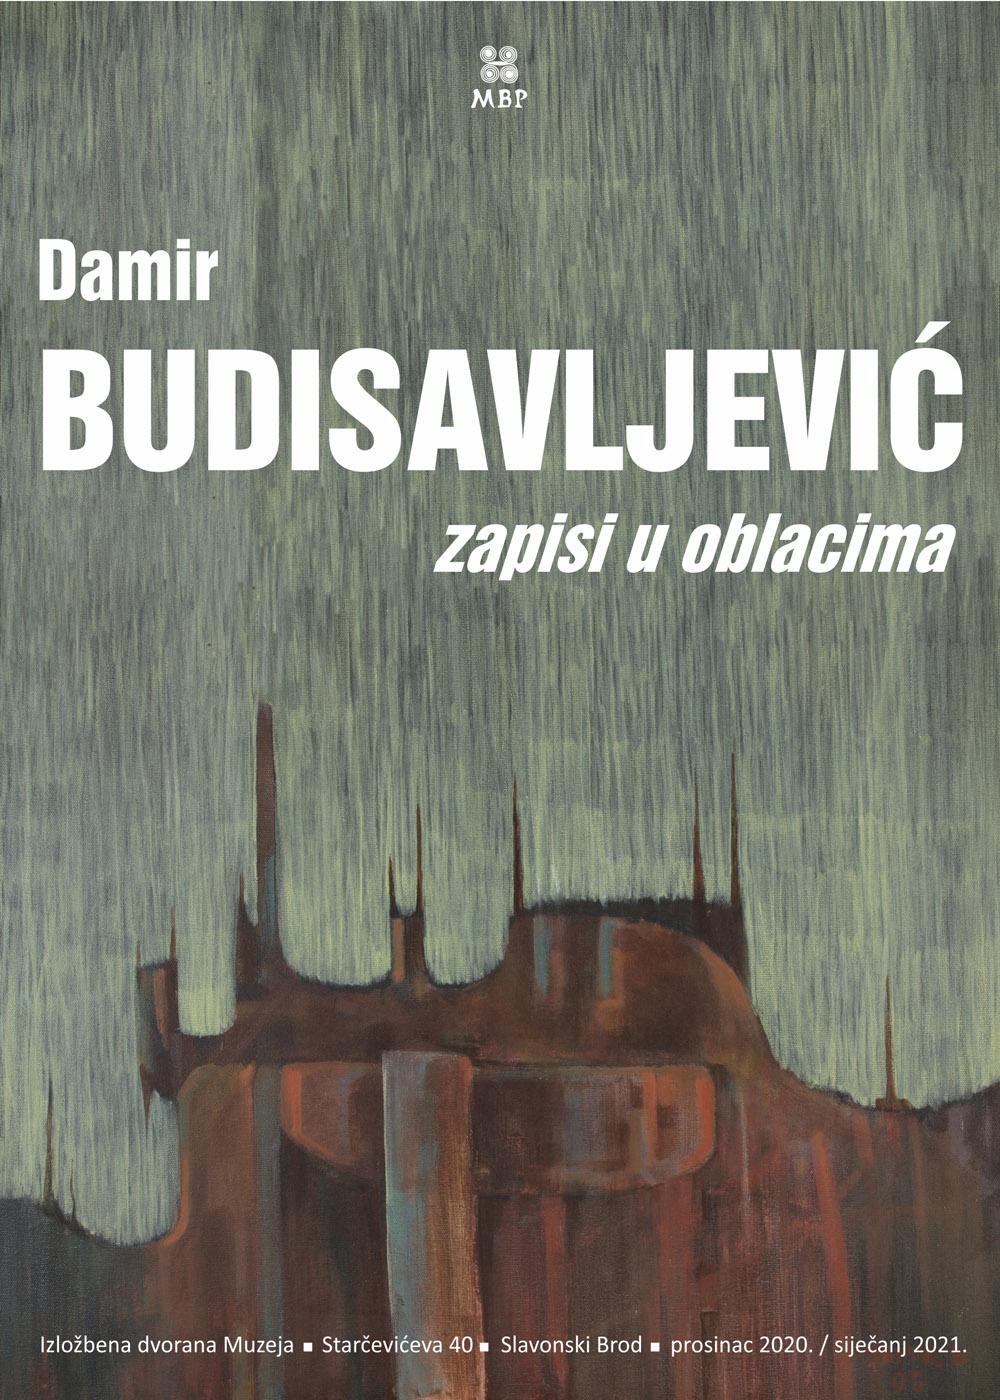 Izložba Damir Budisavljević -zapisi u oblacima